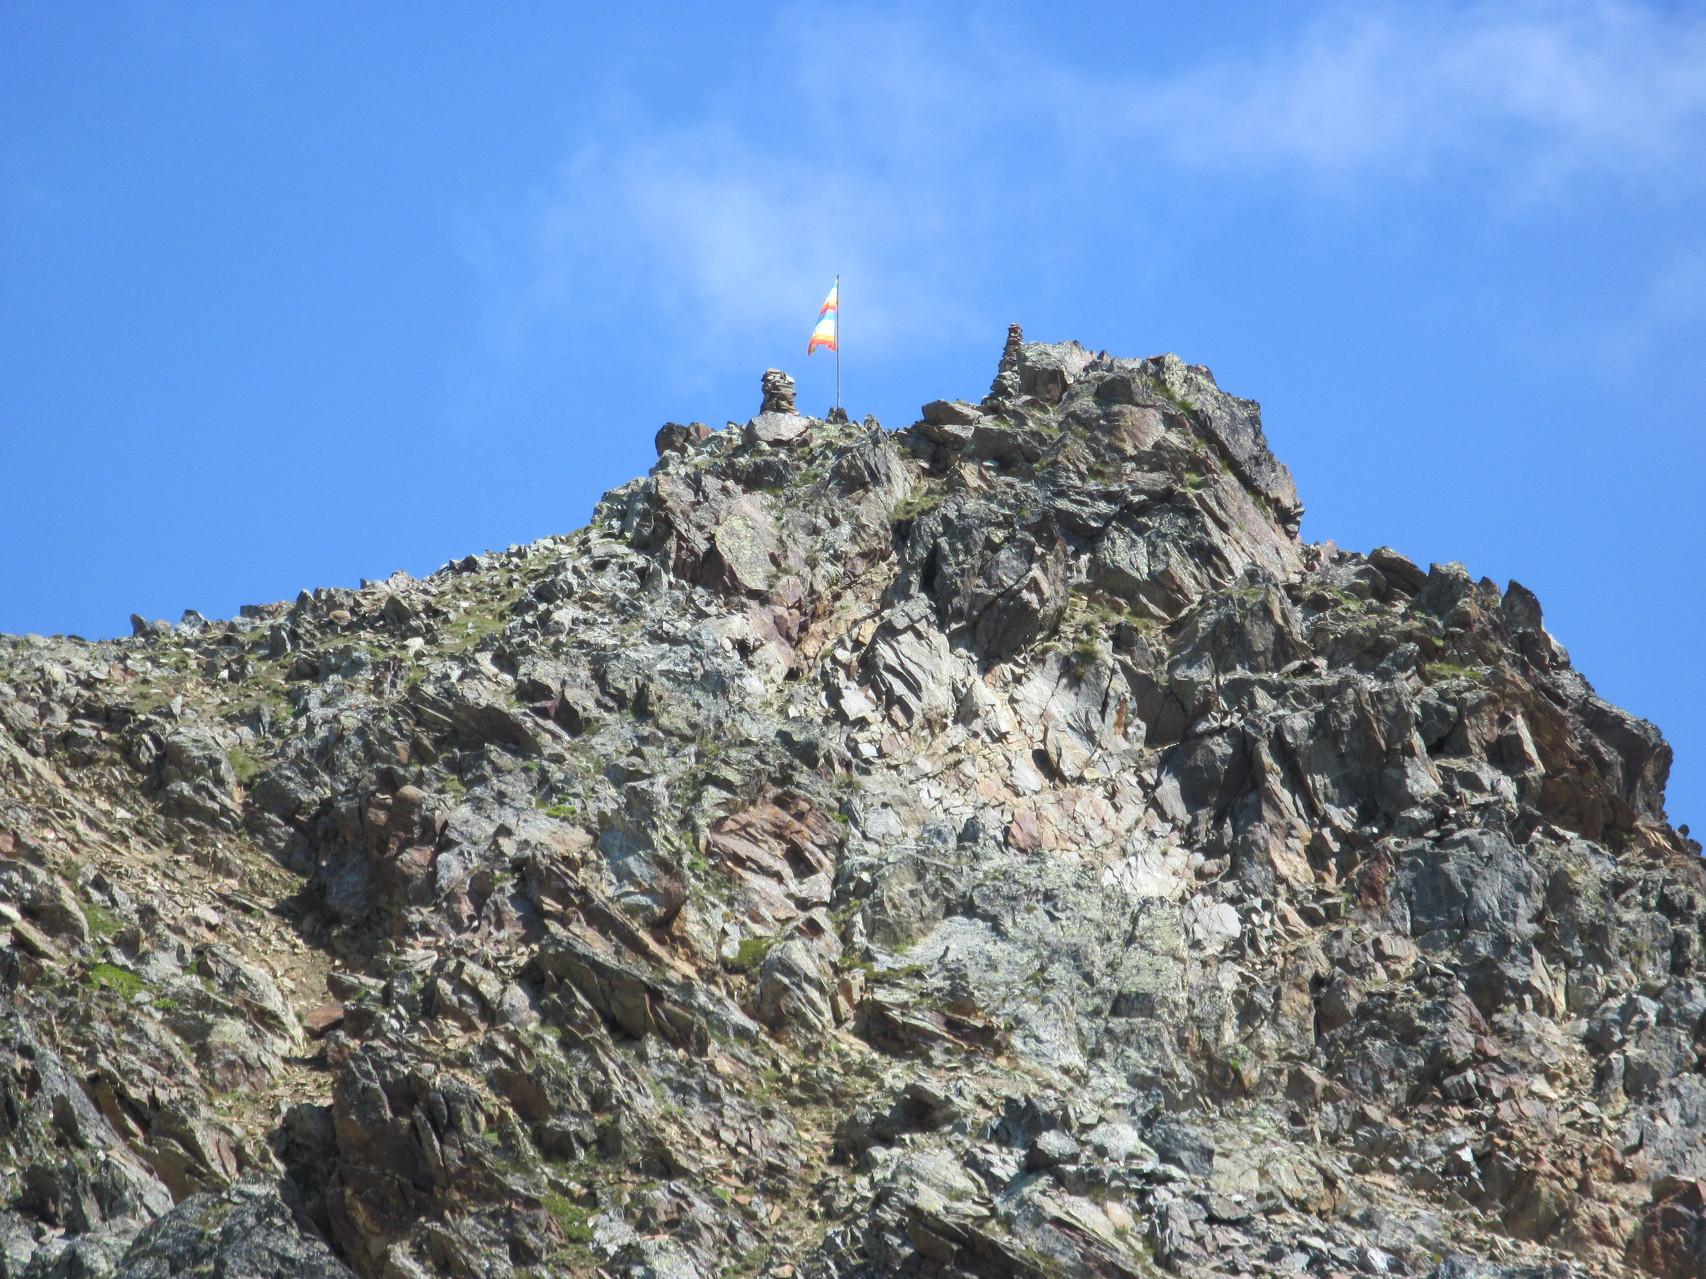 Friedensfahne oberhalb der Hütte